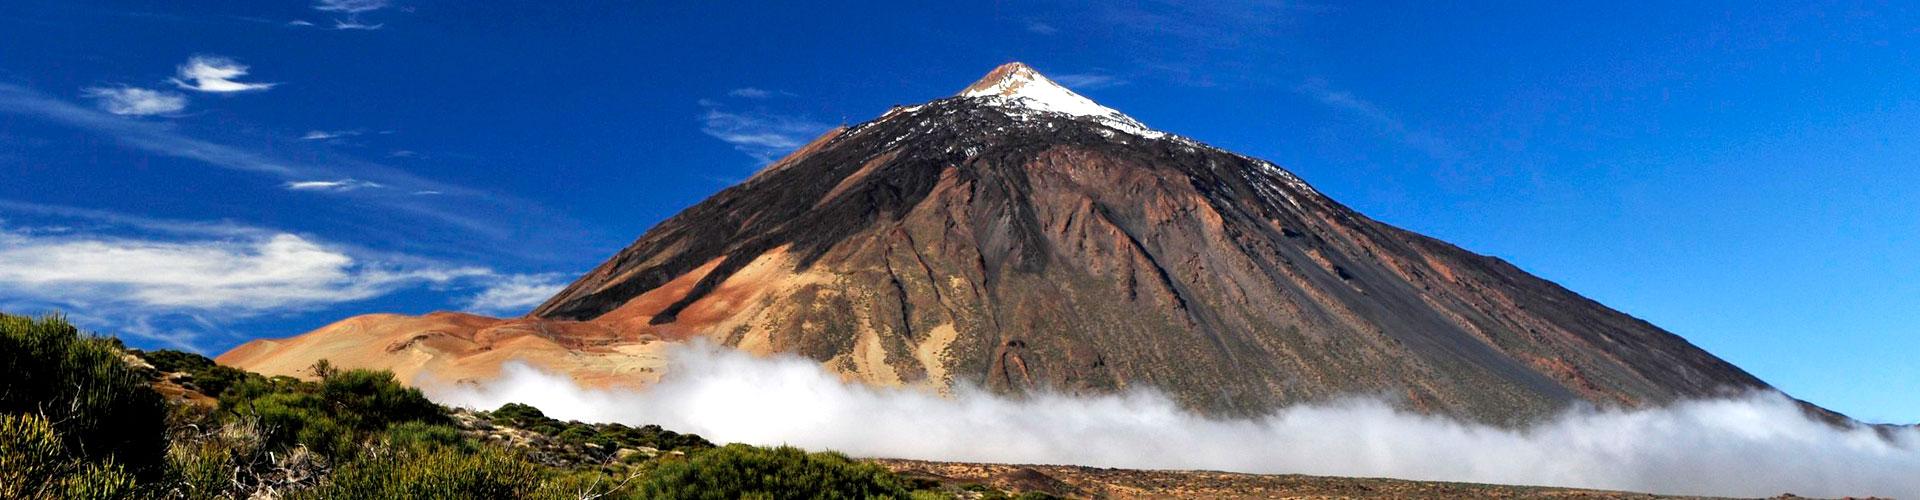 Visita Guiada: Teide, Masca, Garachico e Icod